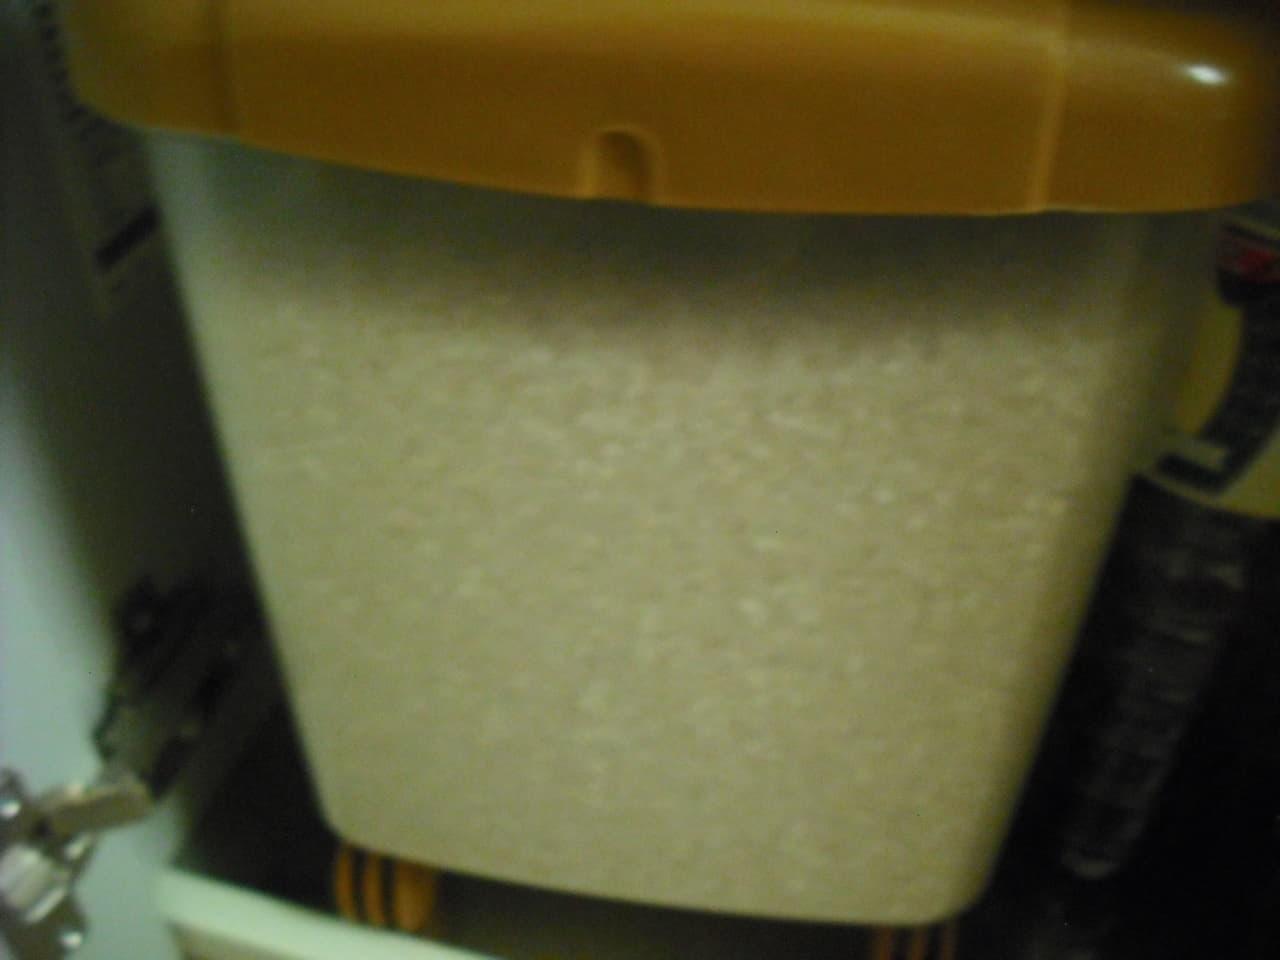 米びつに入ったもち米